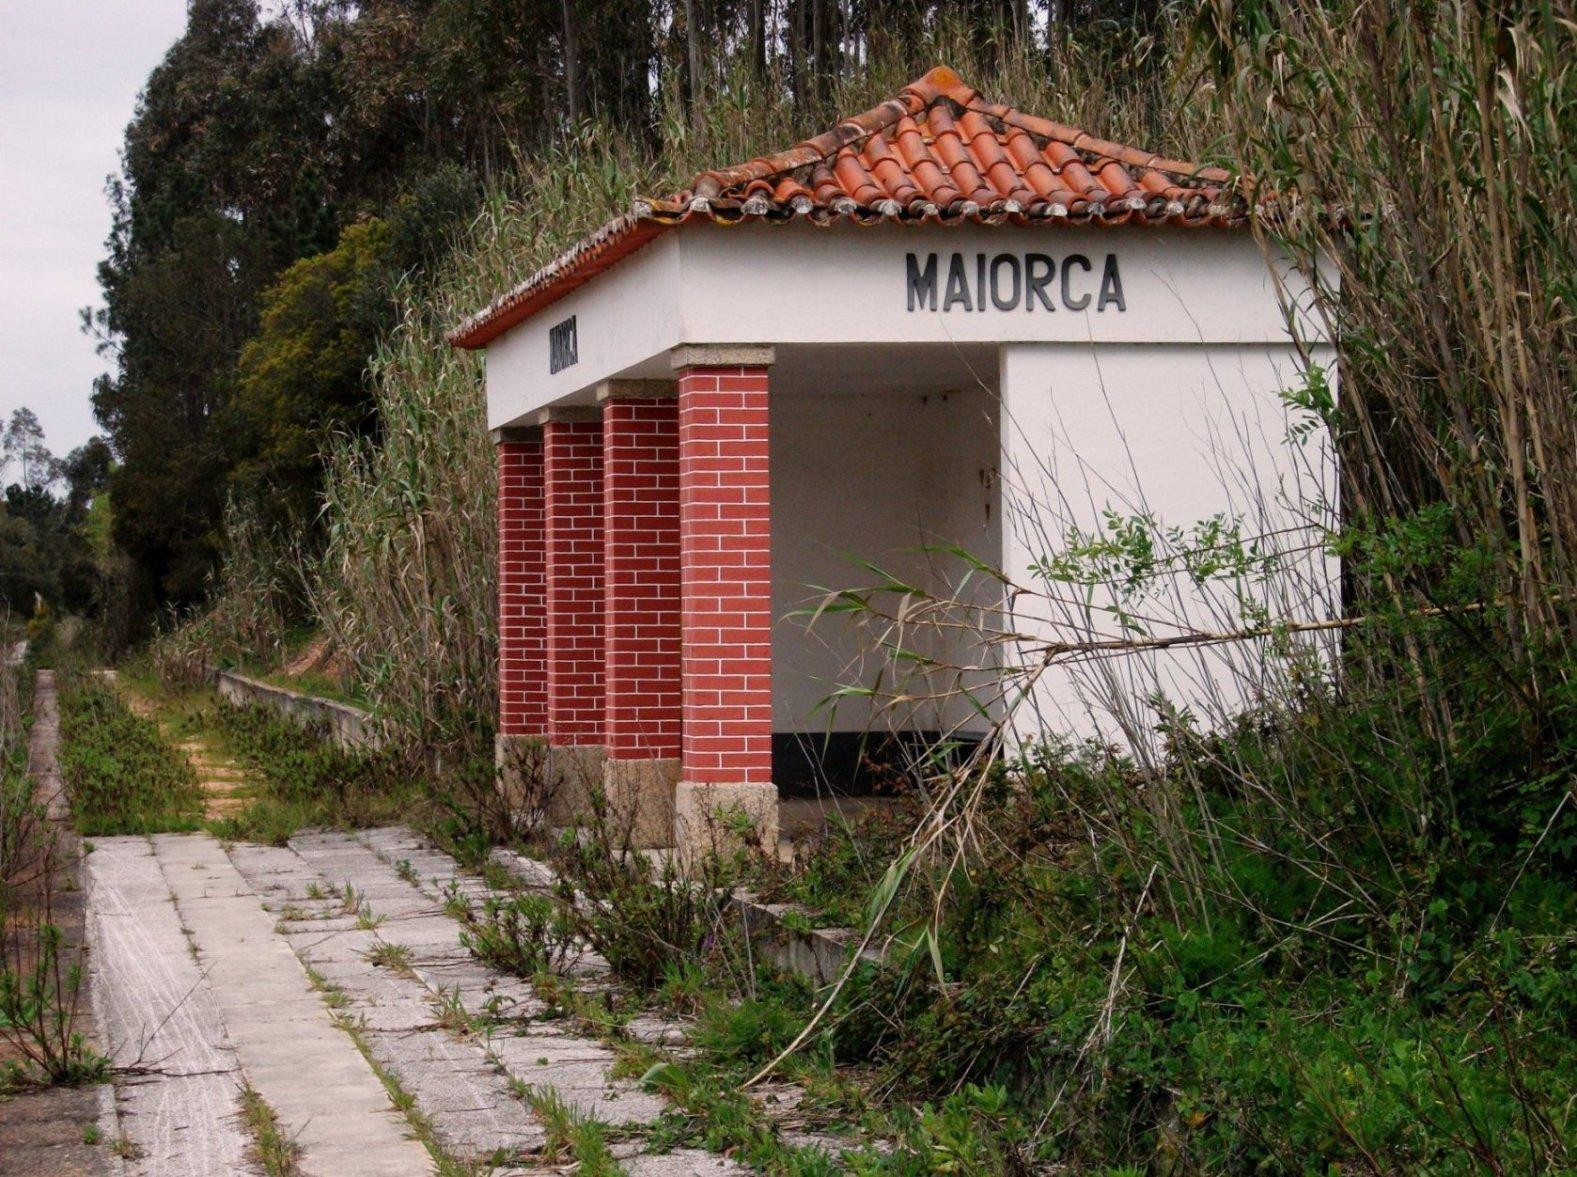 15 mil euros e ouro furtados em Maiorca